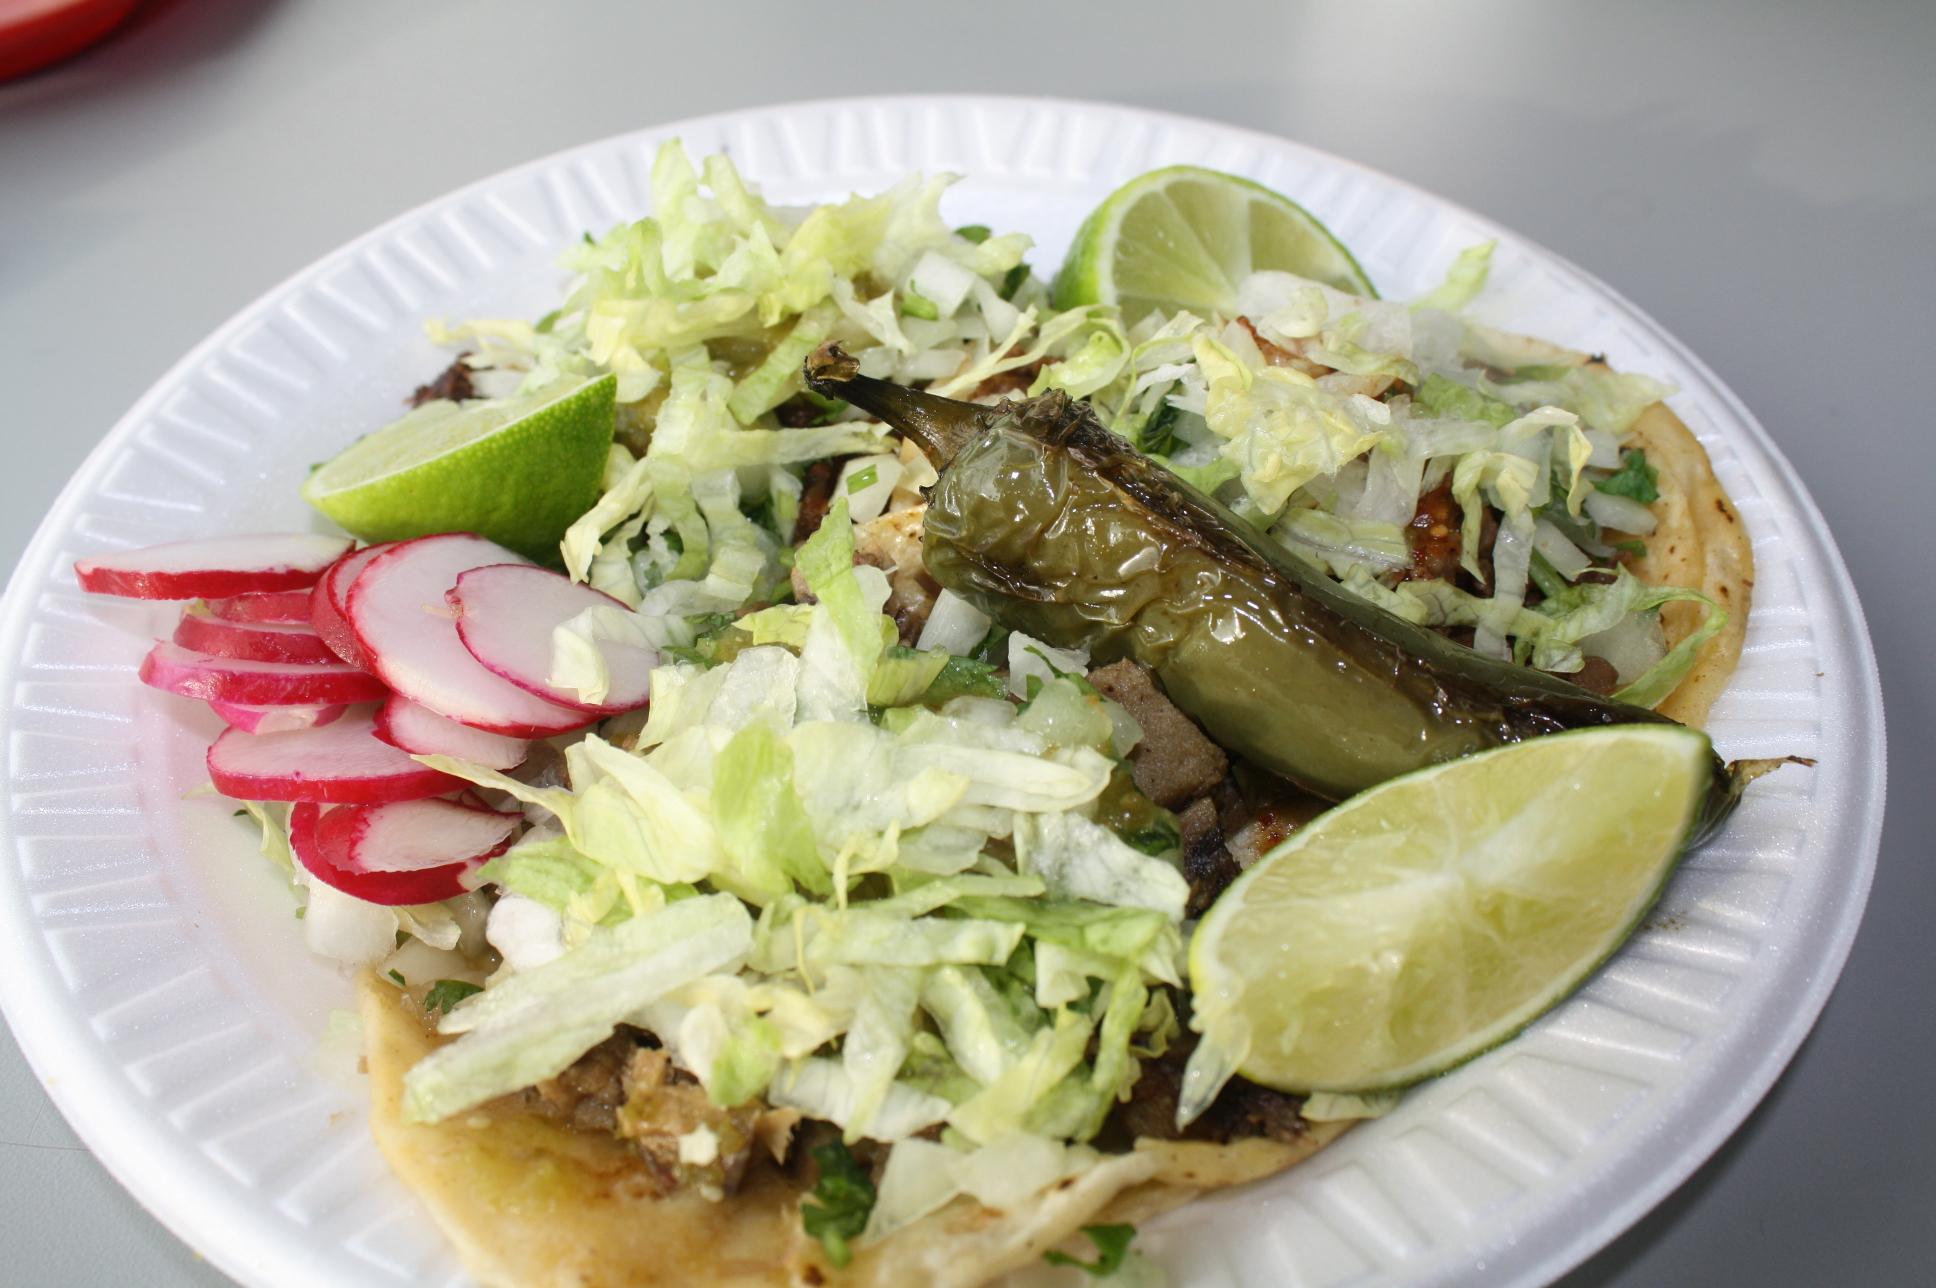 Tacos de lengua, asada y al pastor con los ingredientes y listos para comer (Foto de Agustín Durán/El Pasajero).